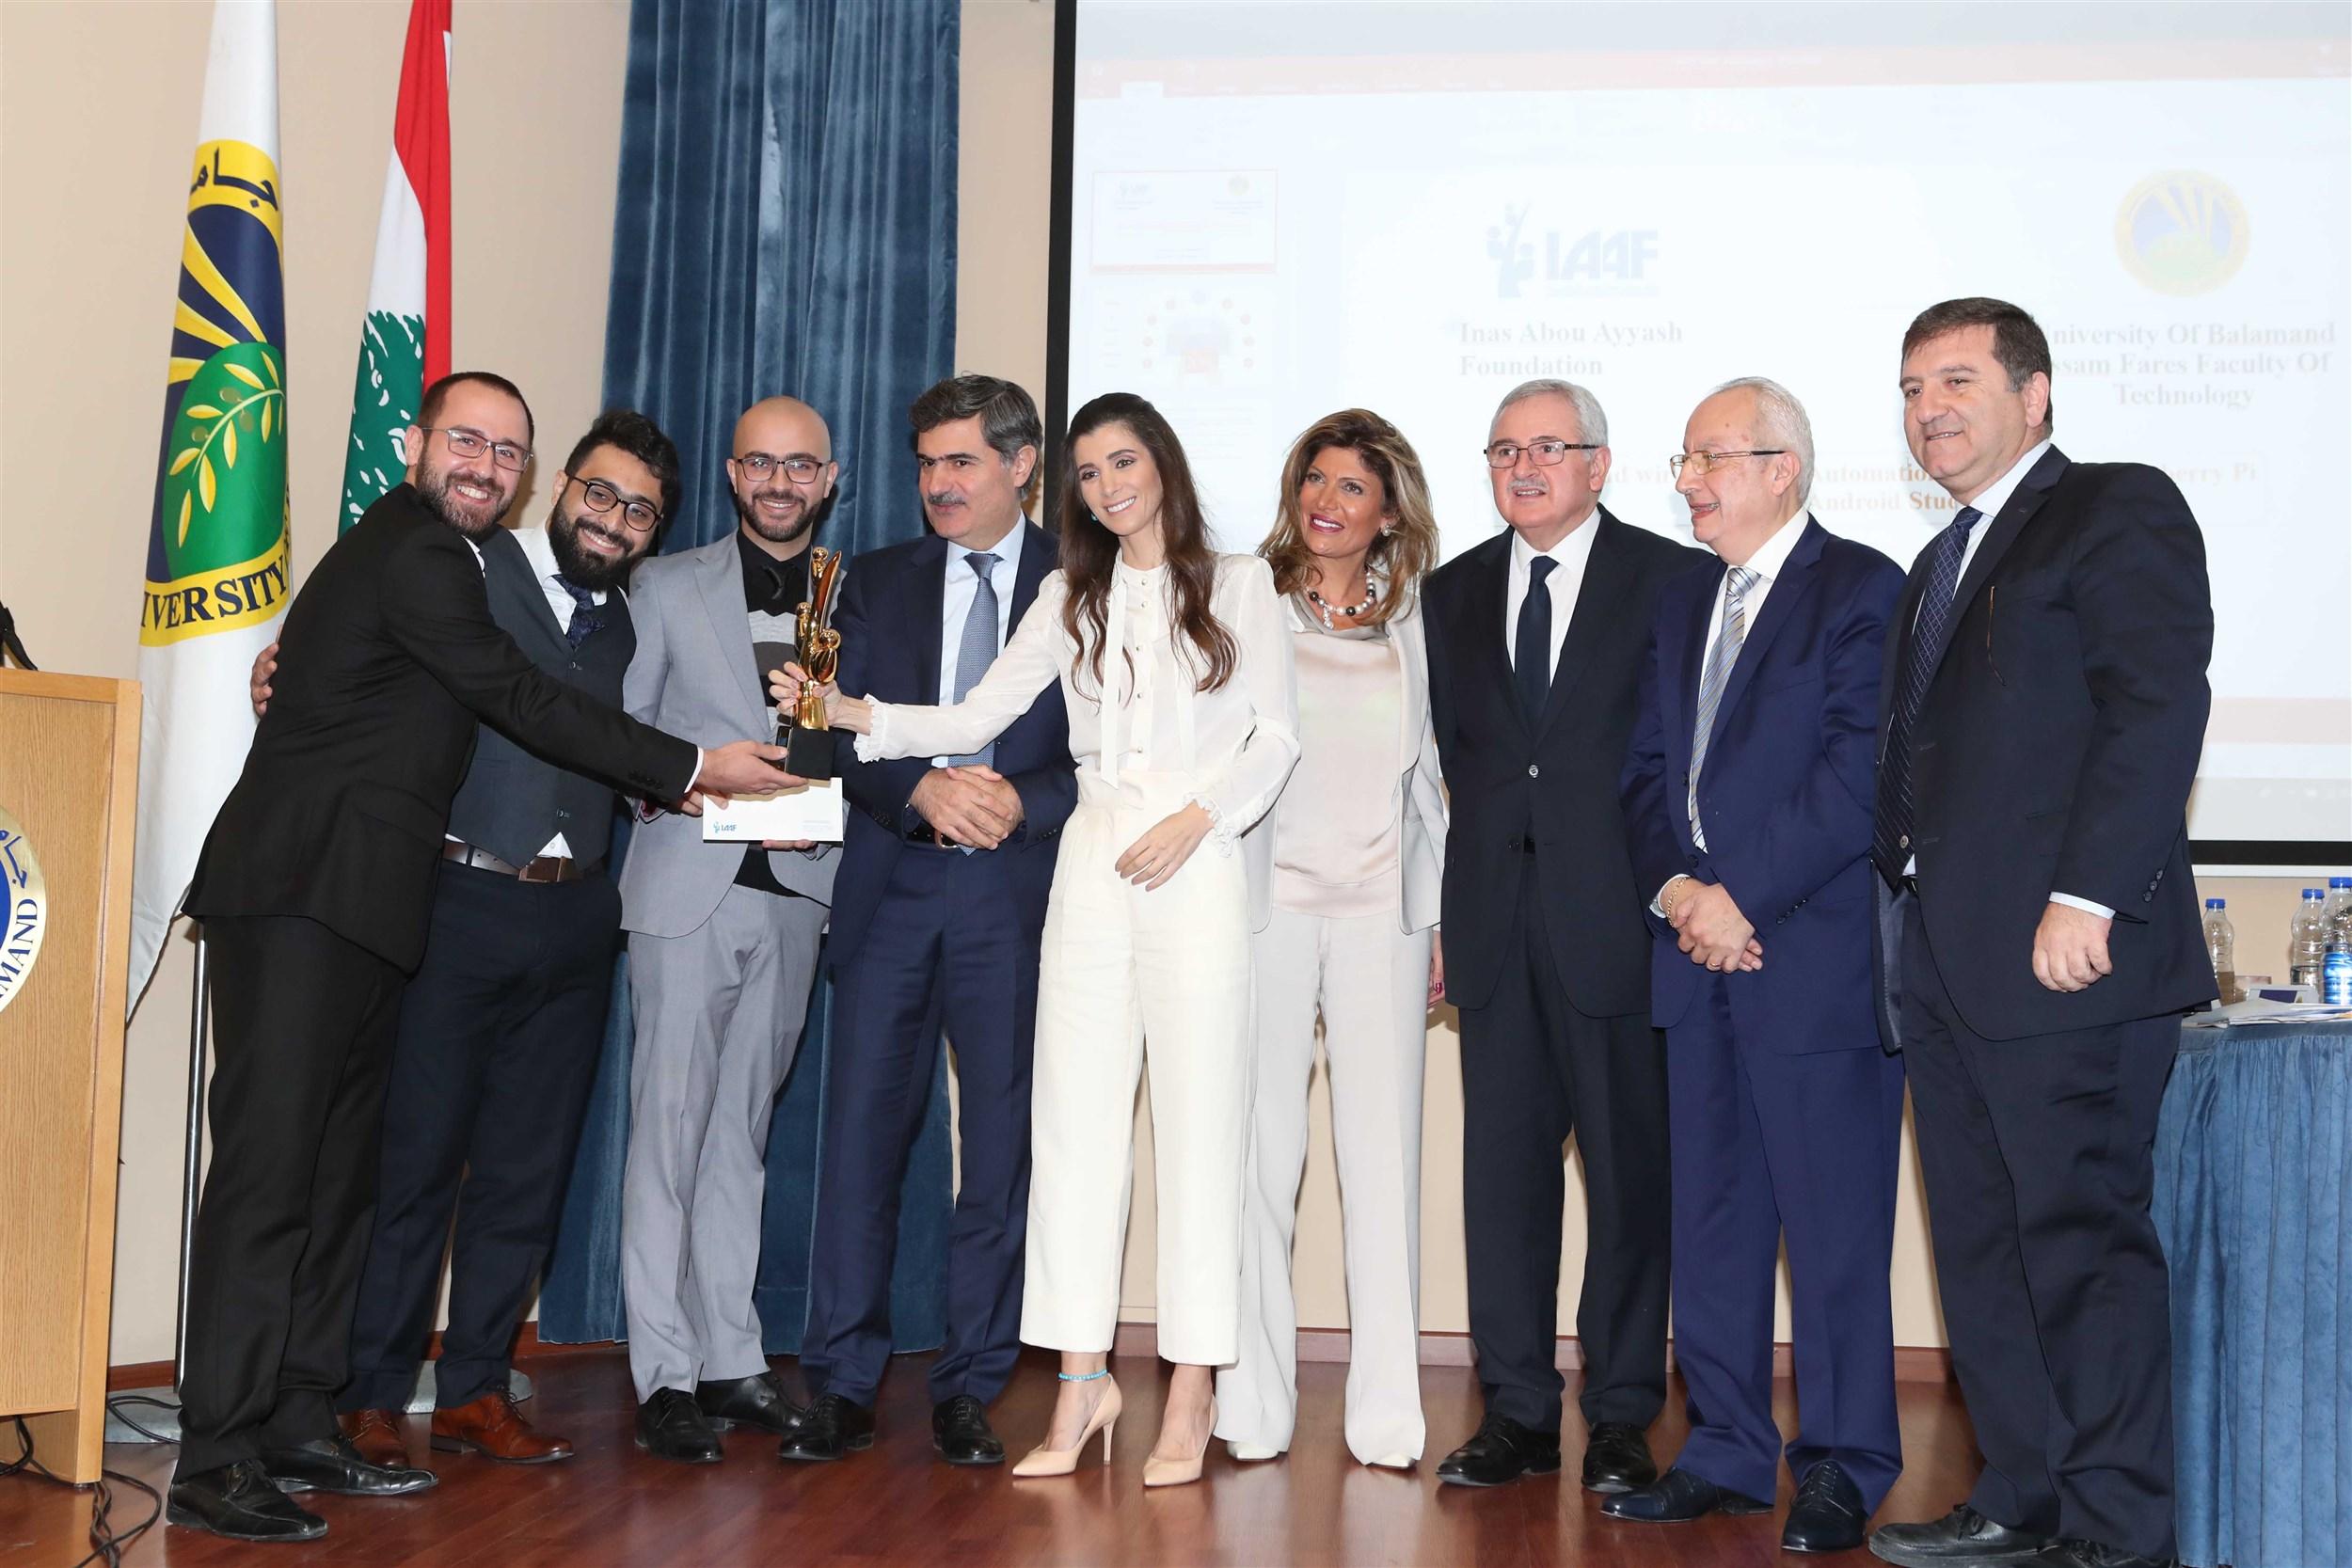 IAAF Awards - University of Balamand Event 2018